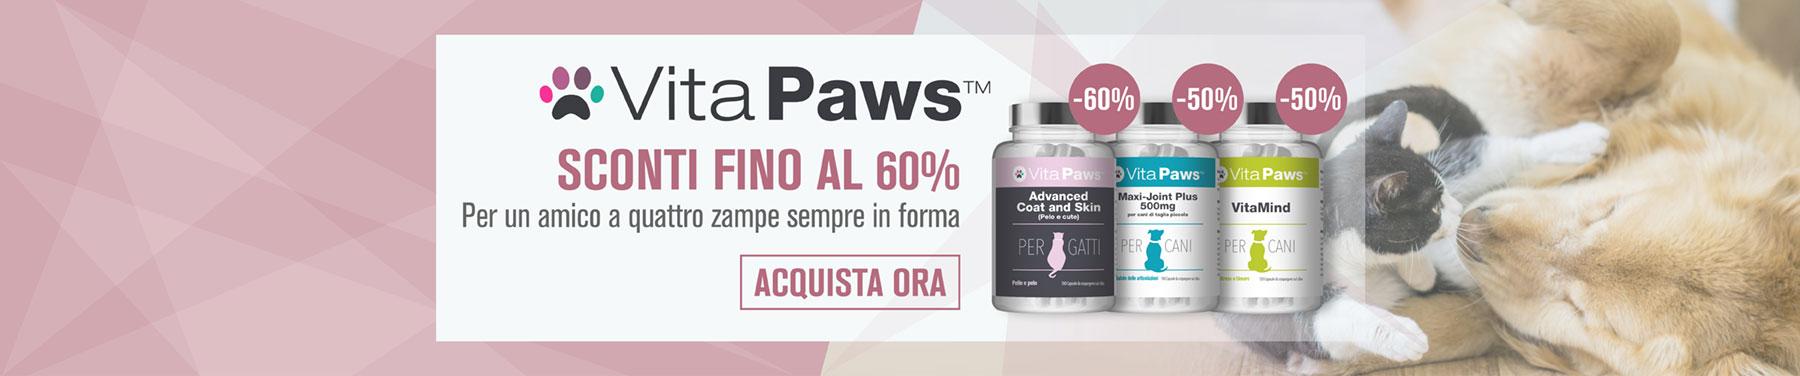 VitaPaws - Sconti fino al 60%